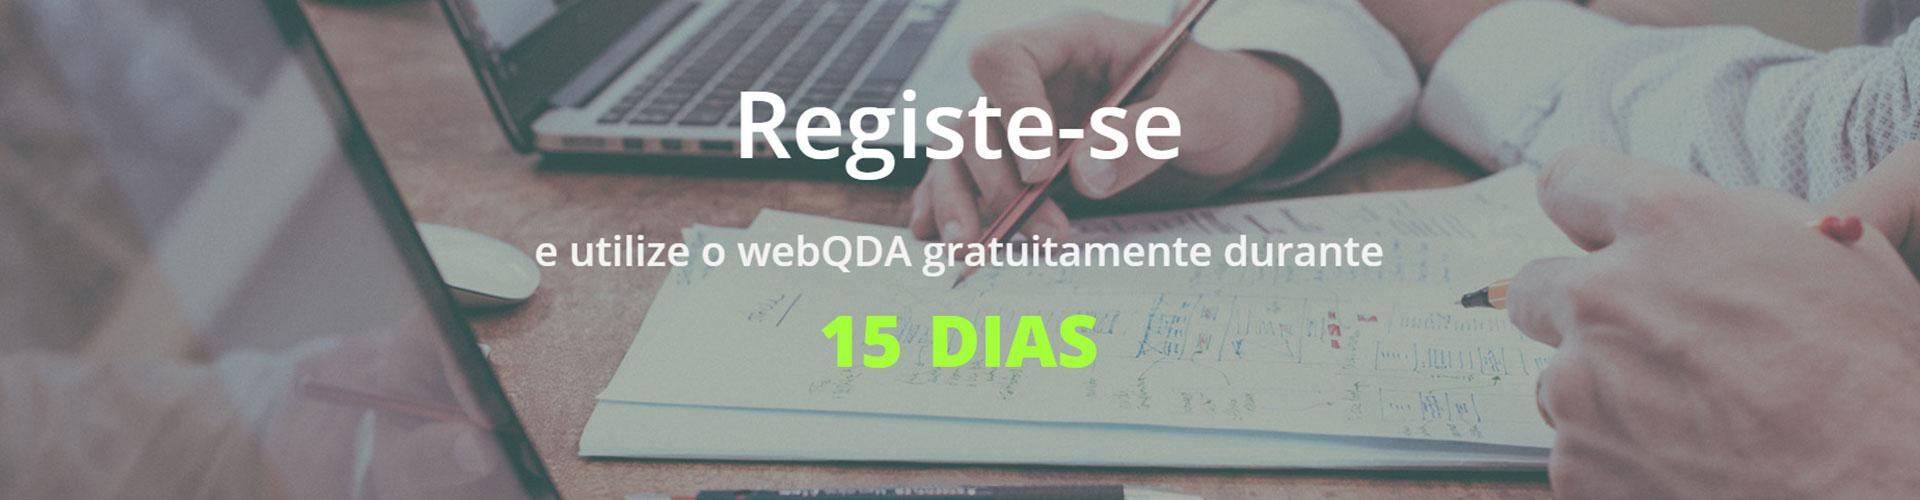 Registo webQDA